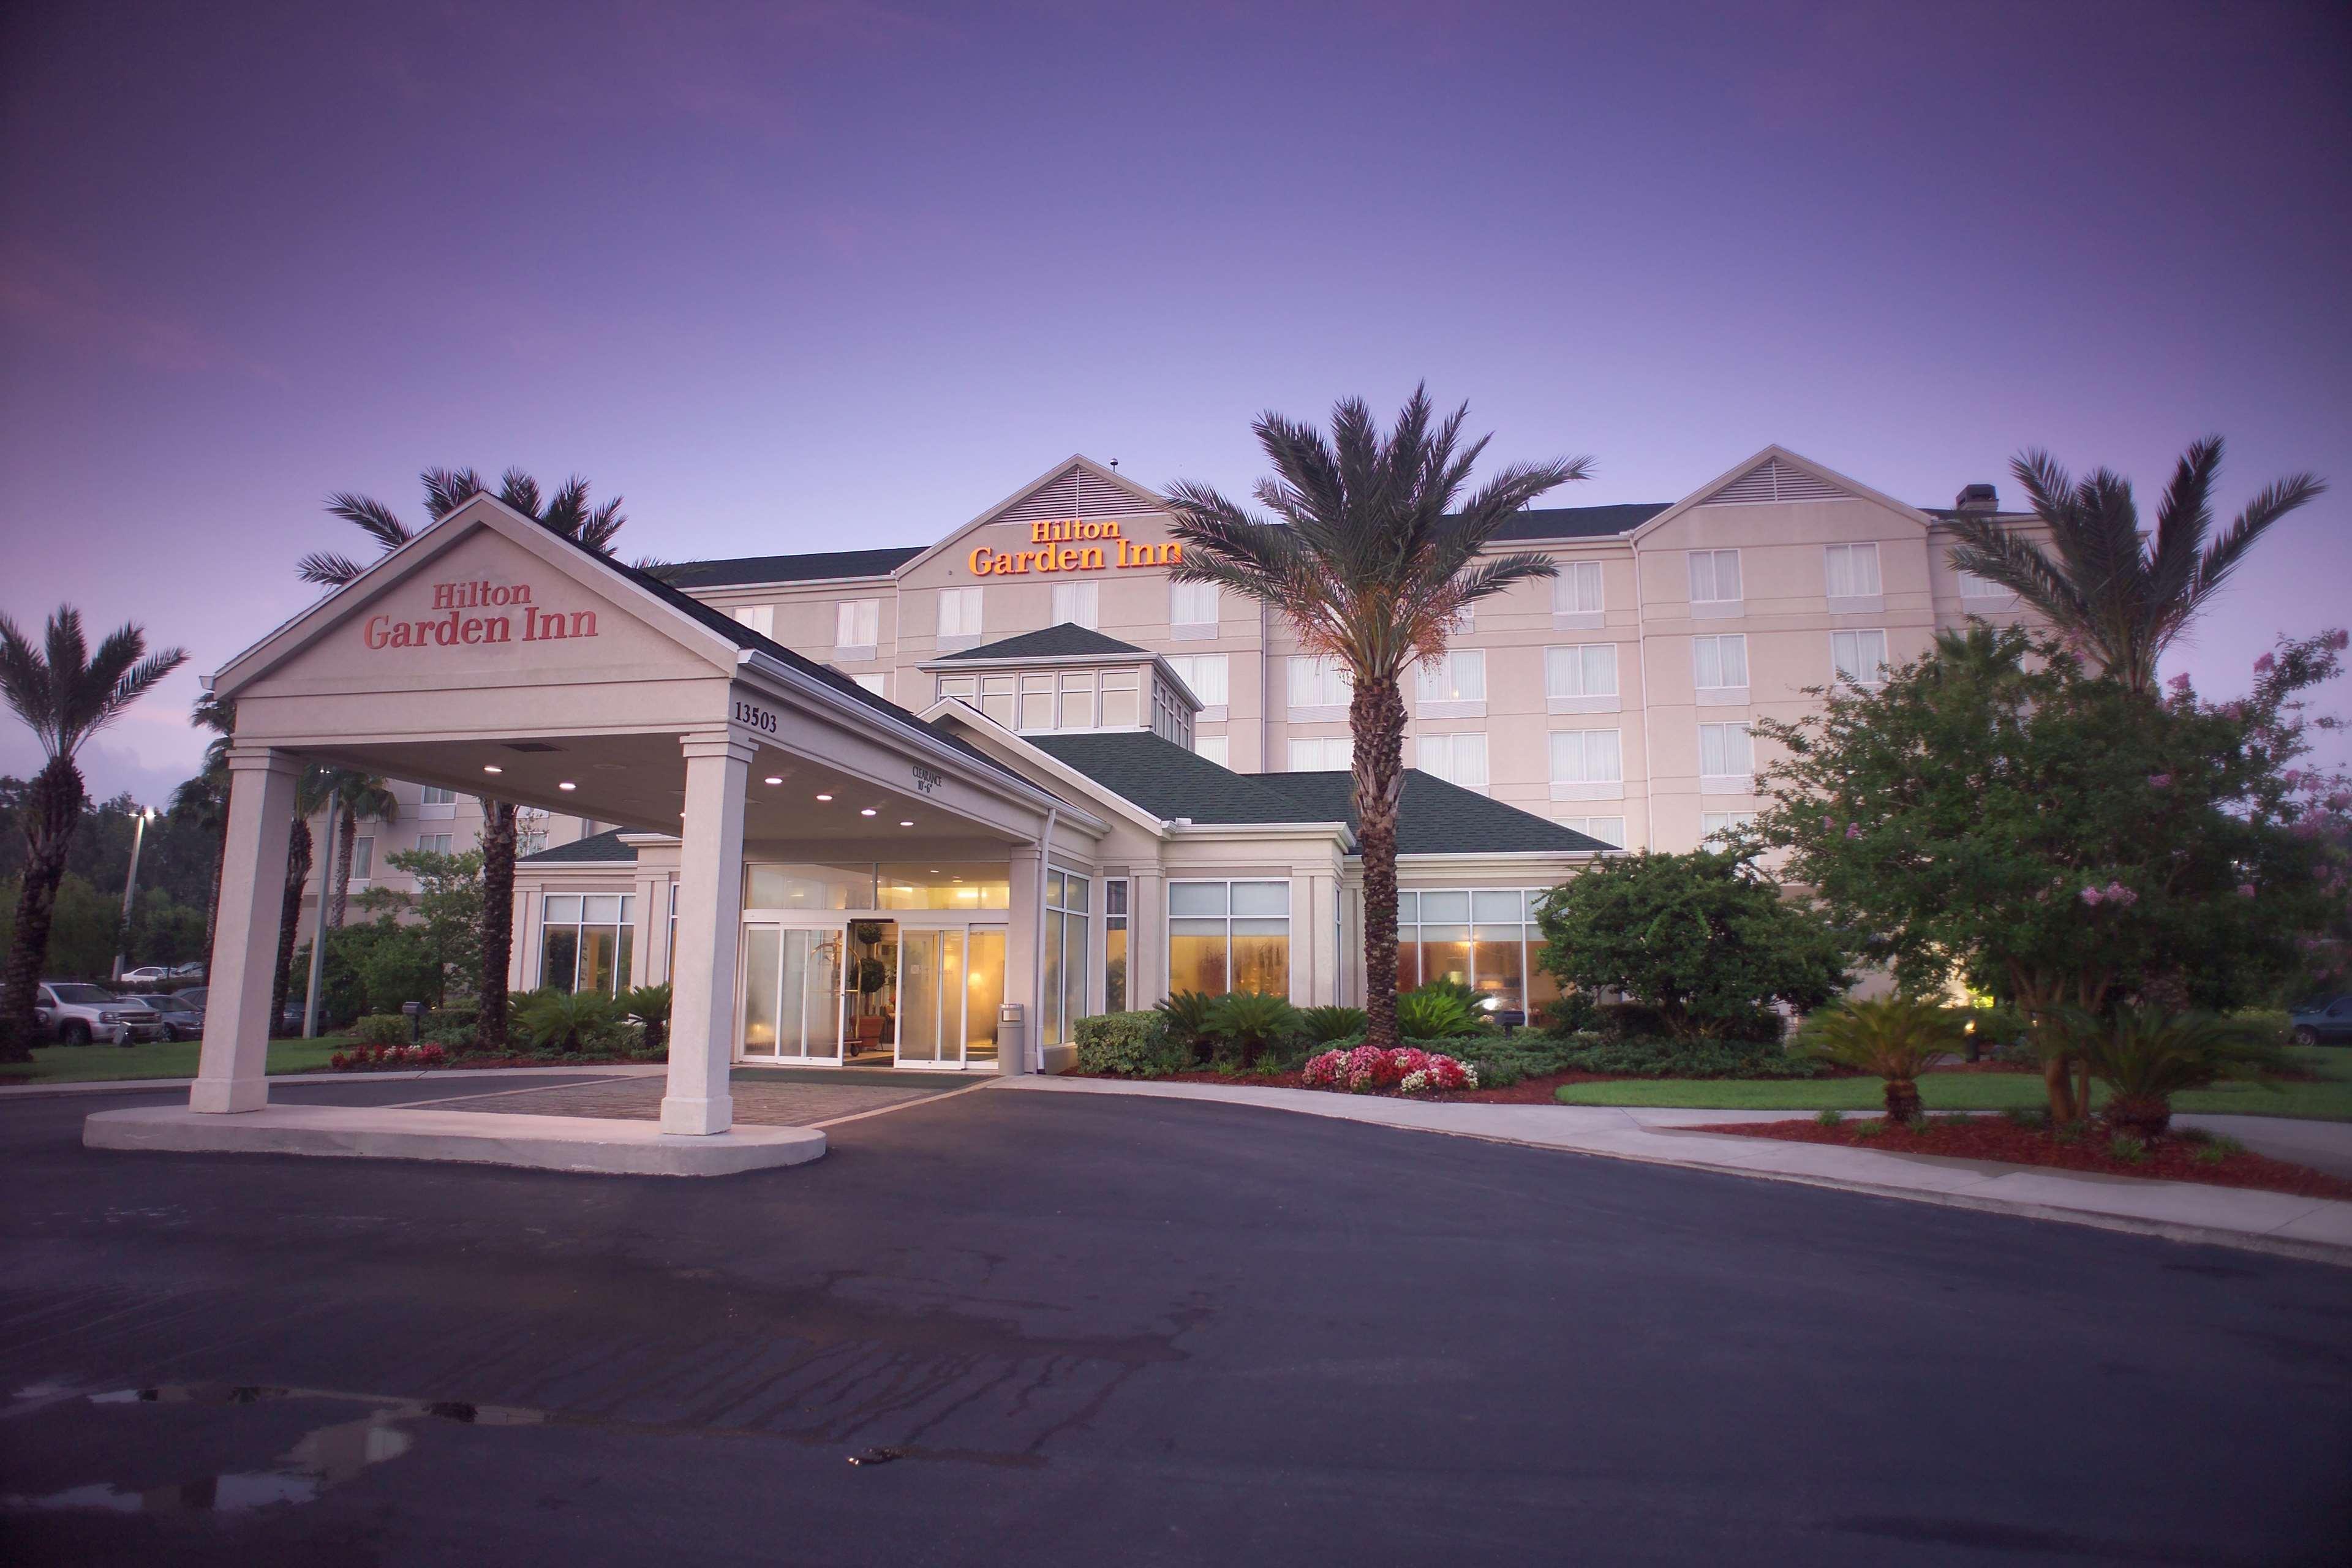 Hilton Garden Inn Jacksonville Airport image 0